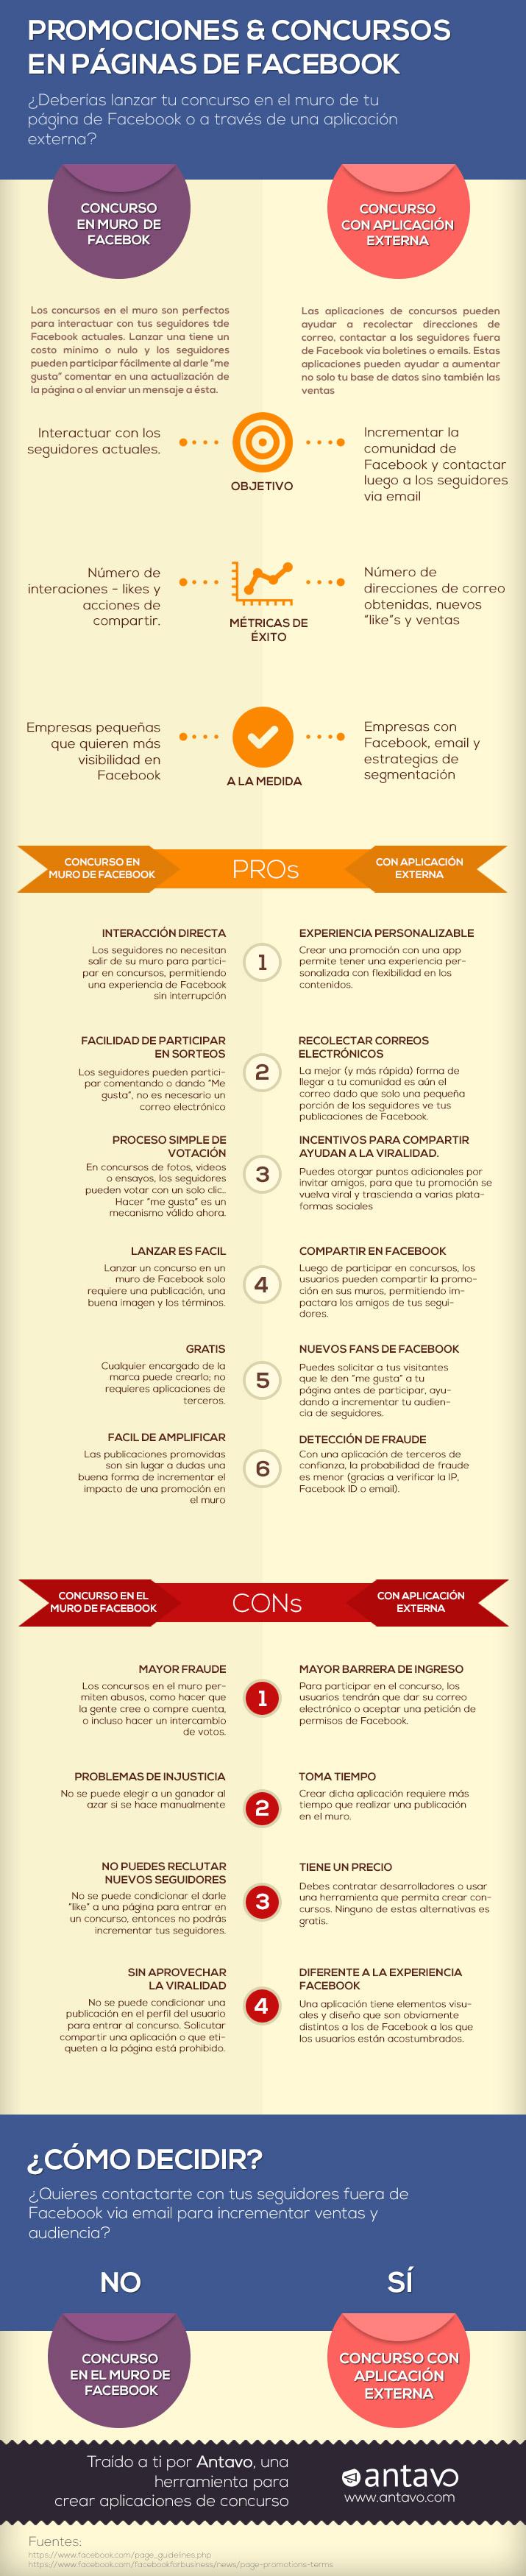 Infografía promociones y concursos en Facebook